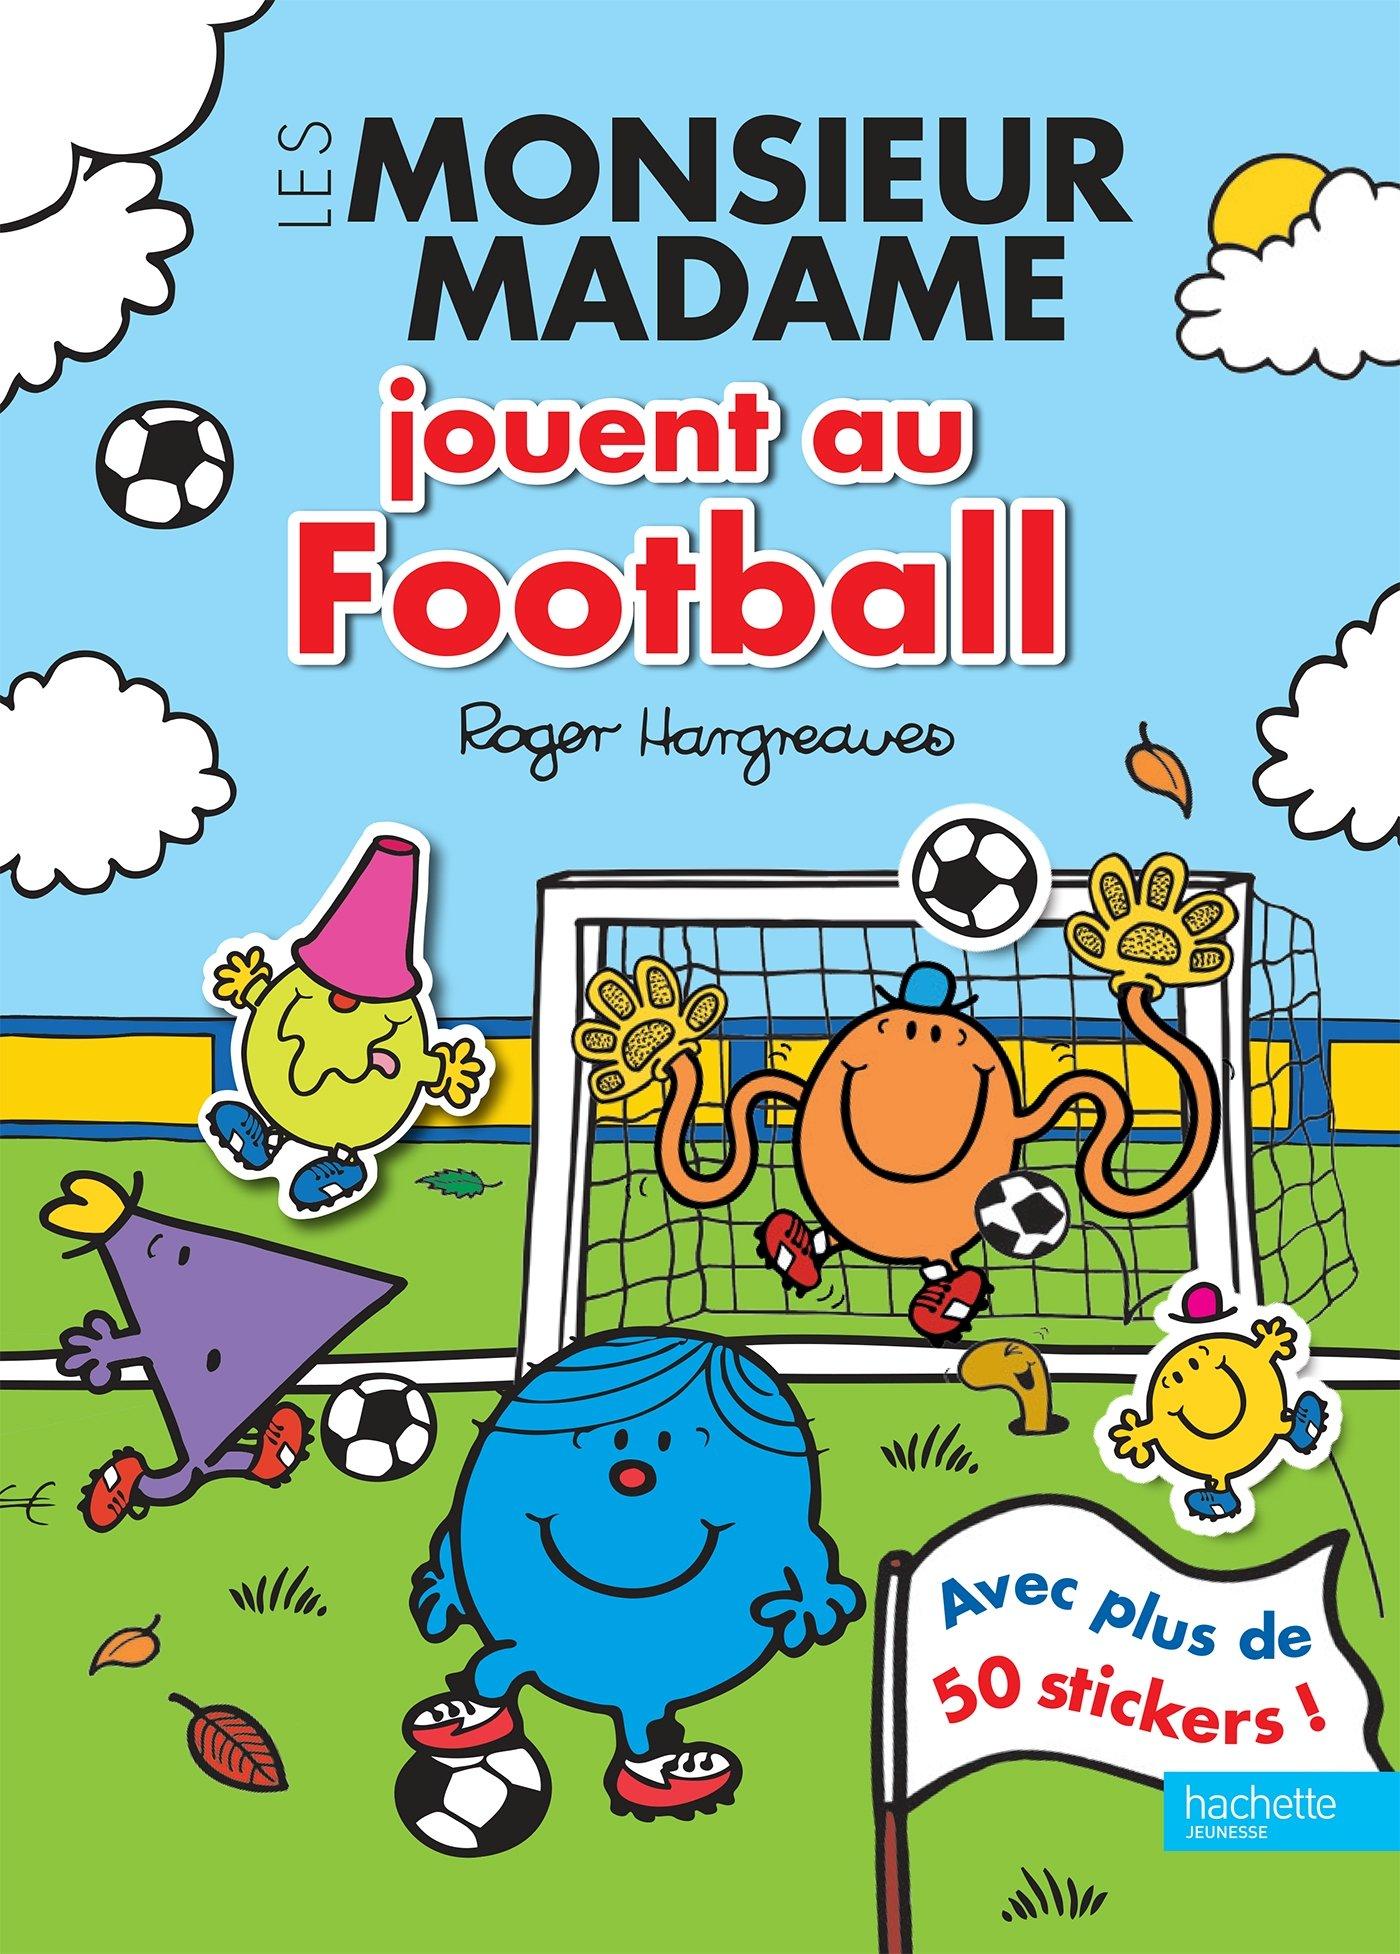 Les Monsieur Madame Jouent Au Football Livre D Activites